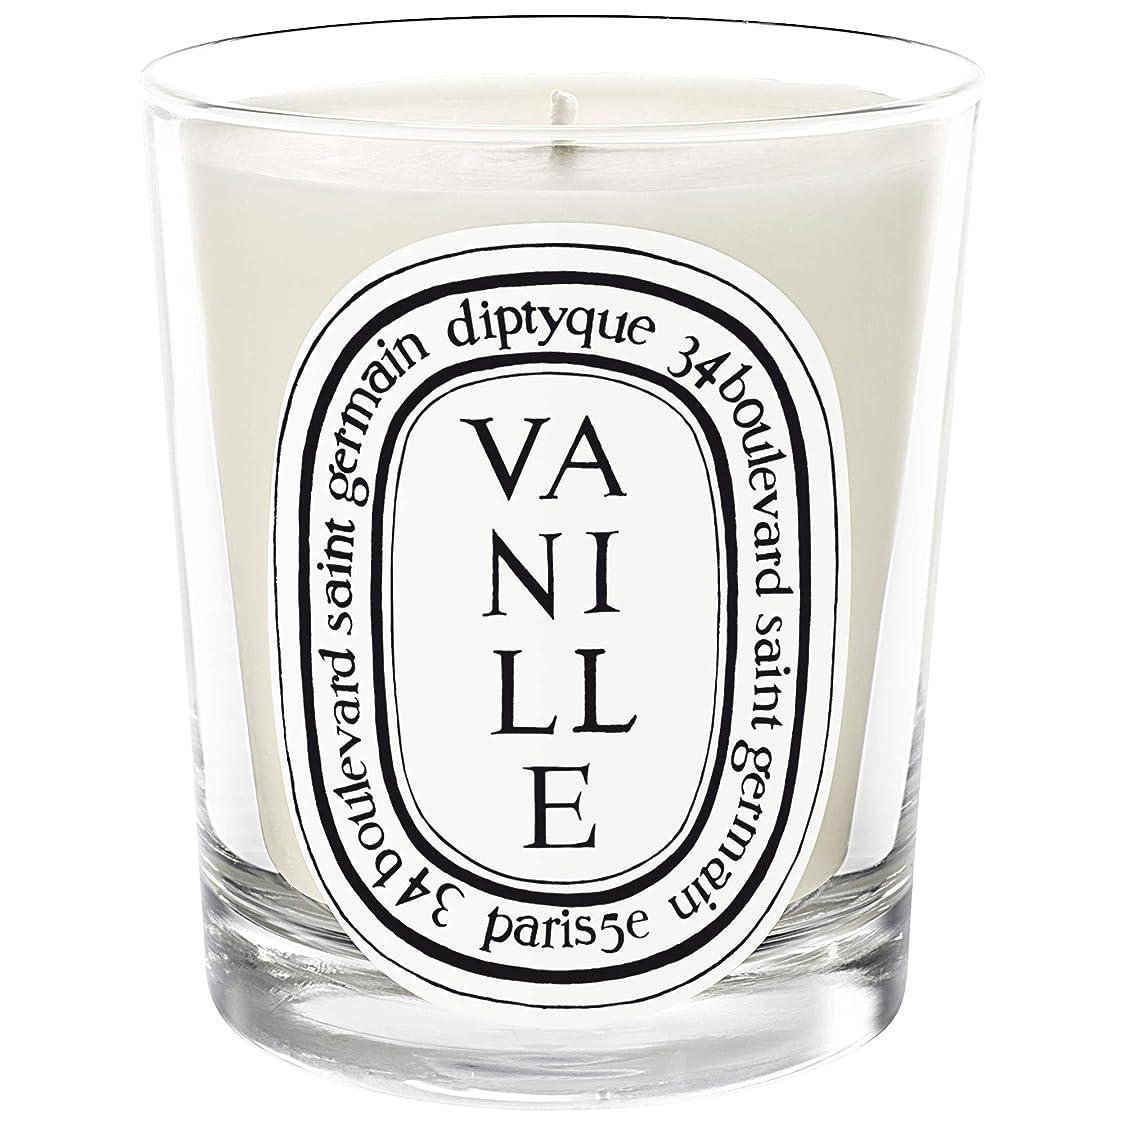 流用するビザ必要条件[Diptyque] Diptyqueのヴァニラの香りのキャンドル190グラム - Diptyque Vanille Scented Candle 190g [並行輸入品]